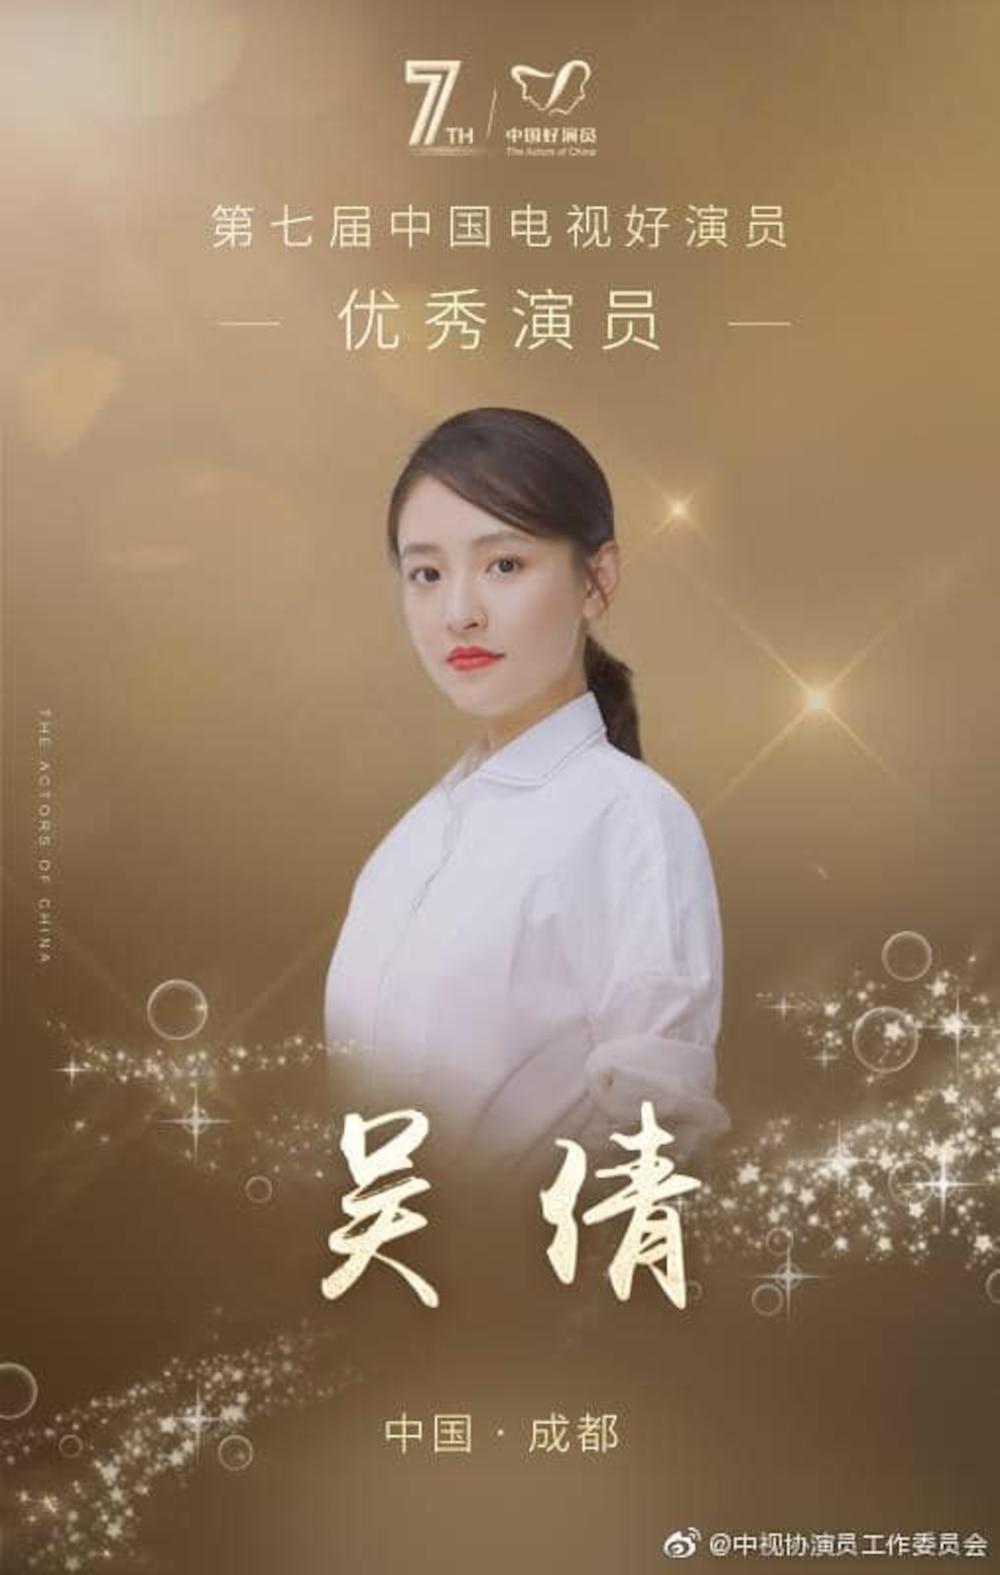 Bảng xếp hạng diễn viên truyền hình xuất sắc: Tiêu Chiến, Vương Nhất Bác, Tống Uy Long đều không có tên 7